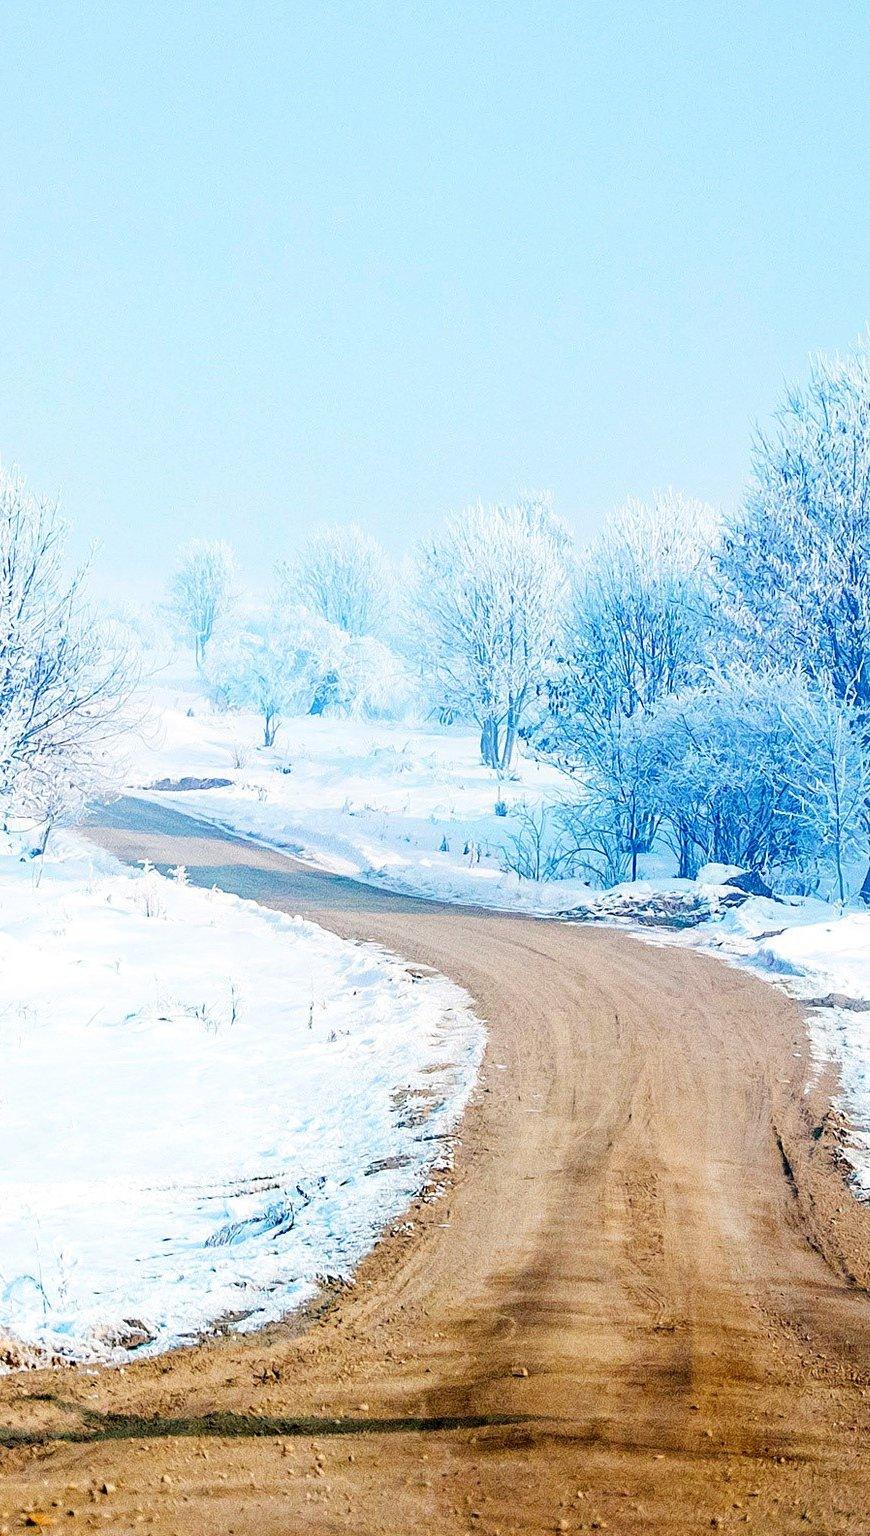 Fondos de pantalla Un camino de nieve Vertical